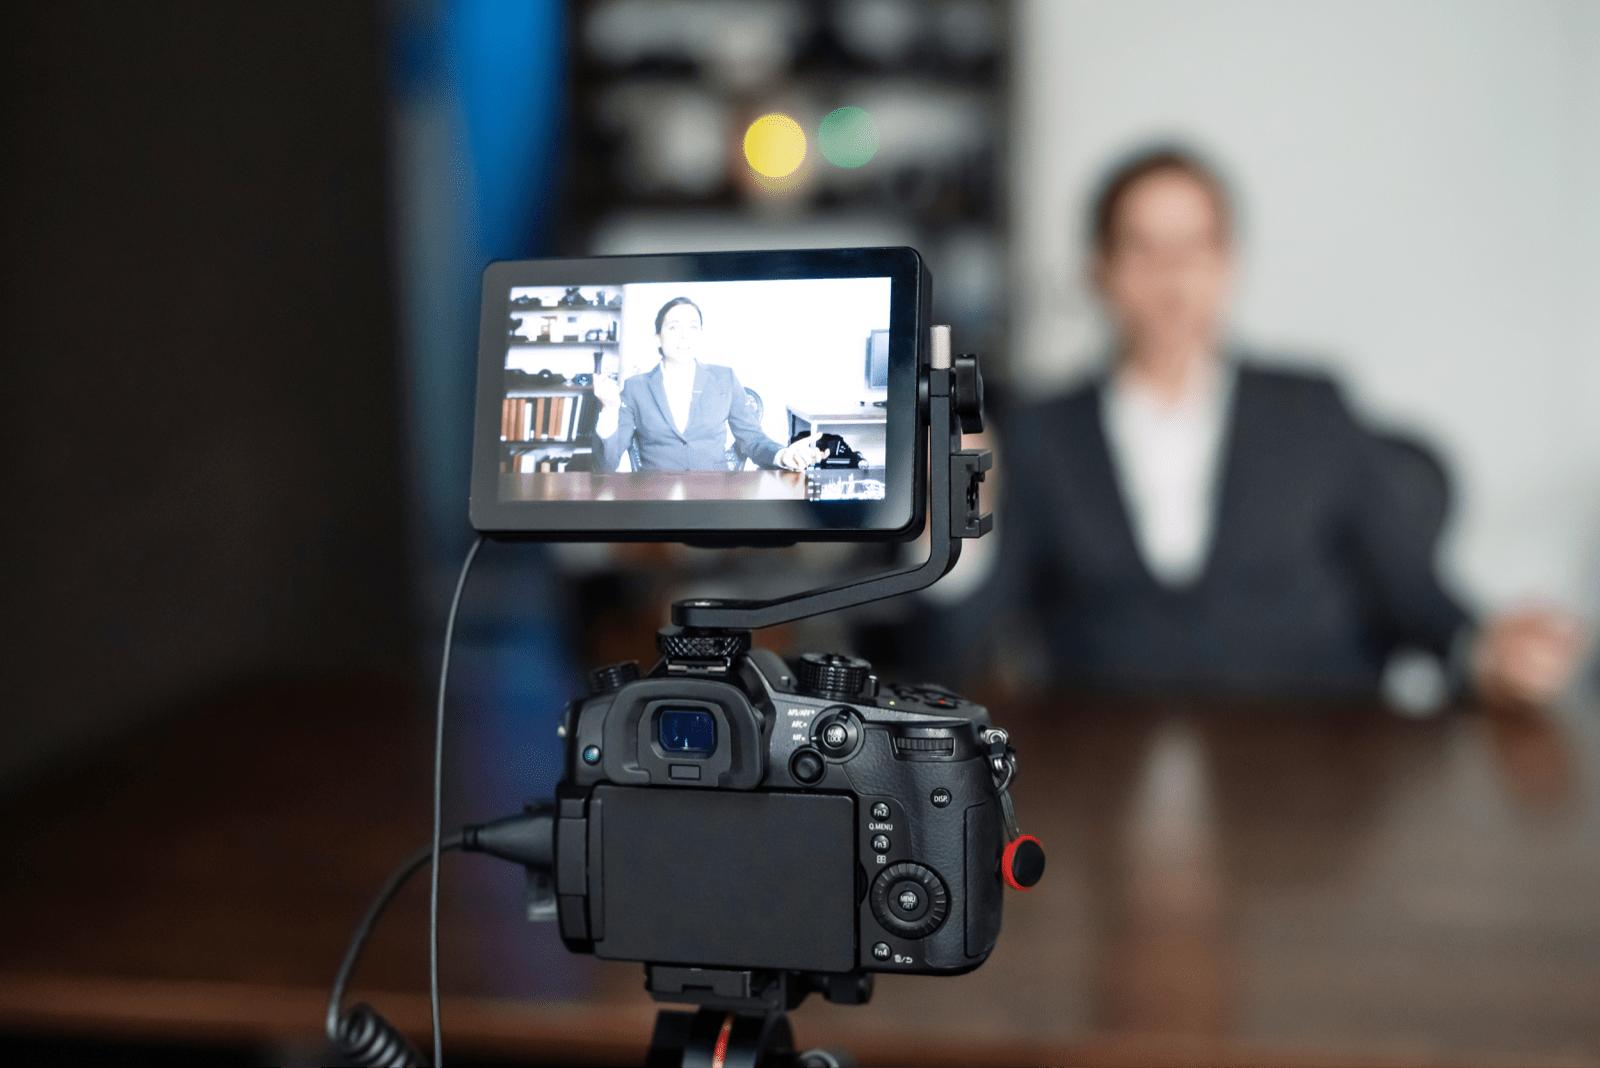 スーツ姿で動画を撮影する人